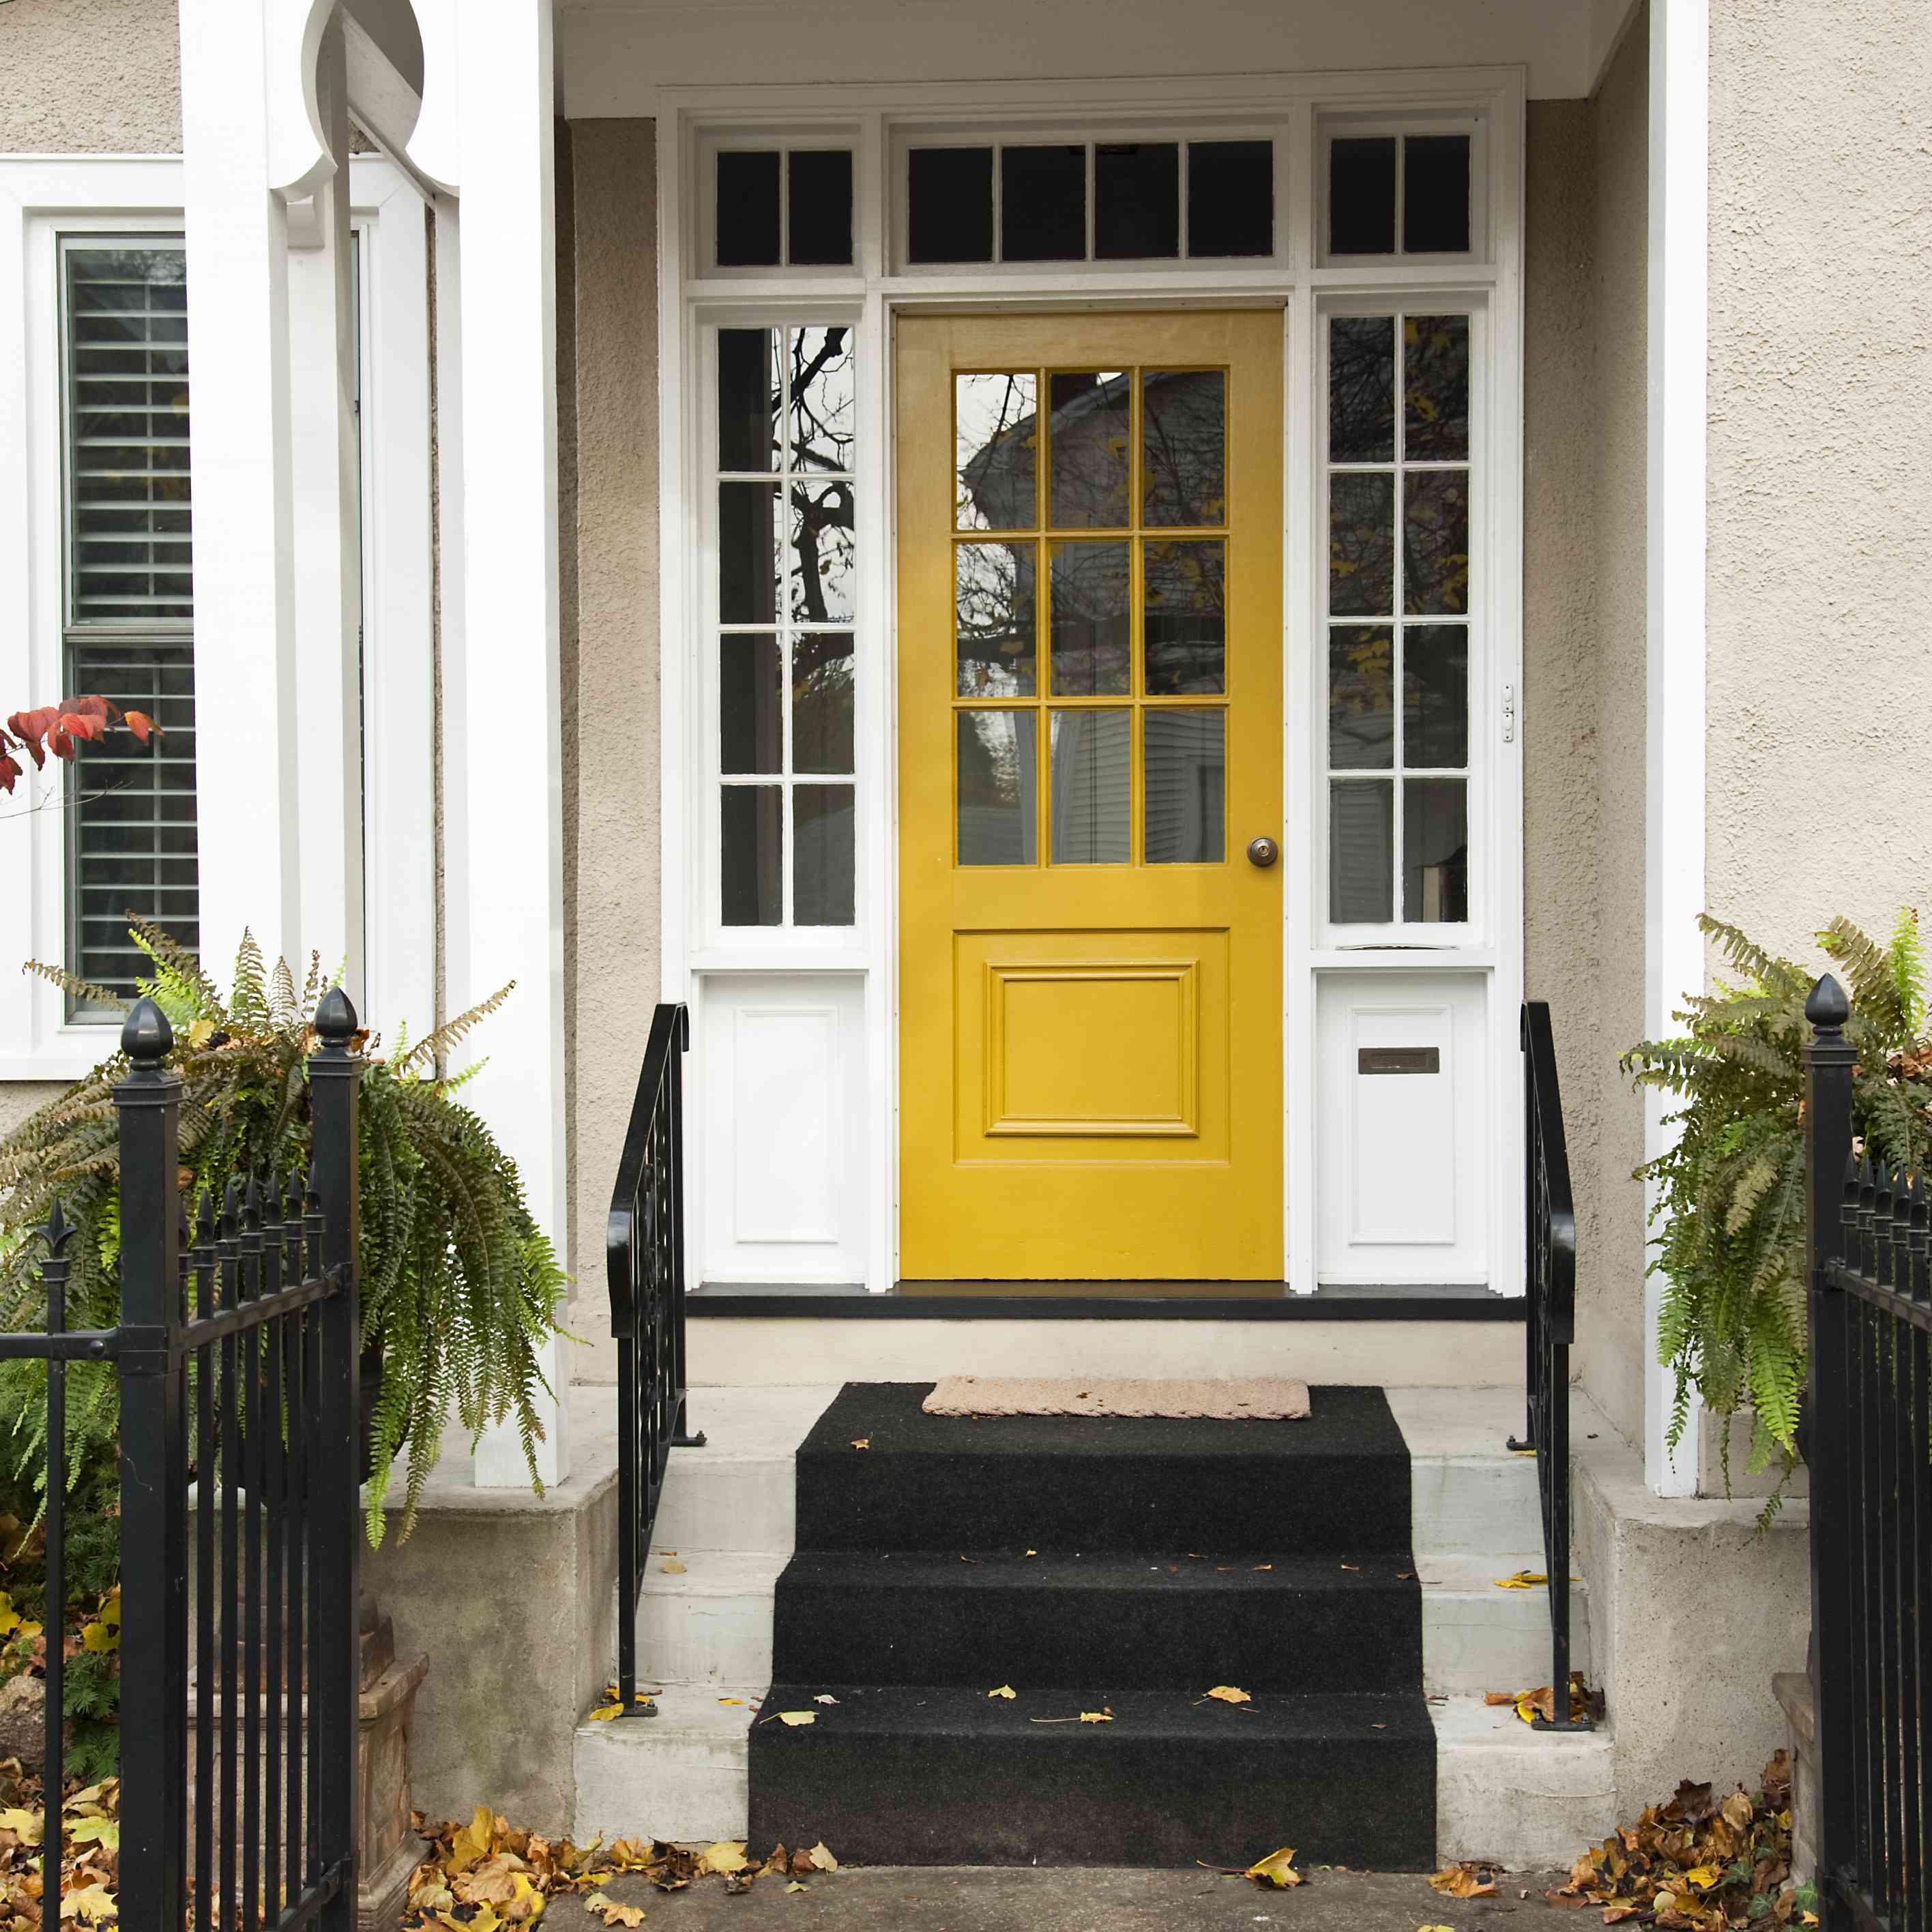 Yellow door on white house